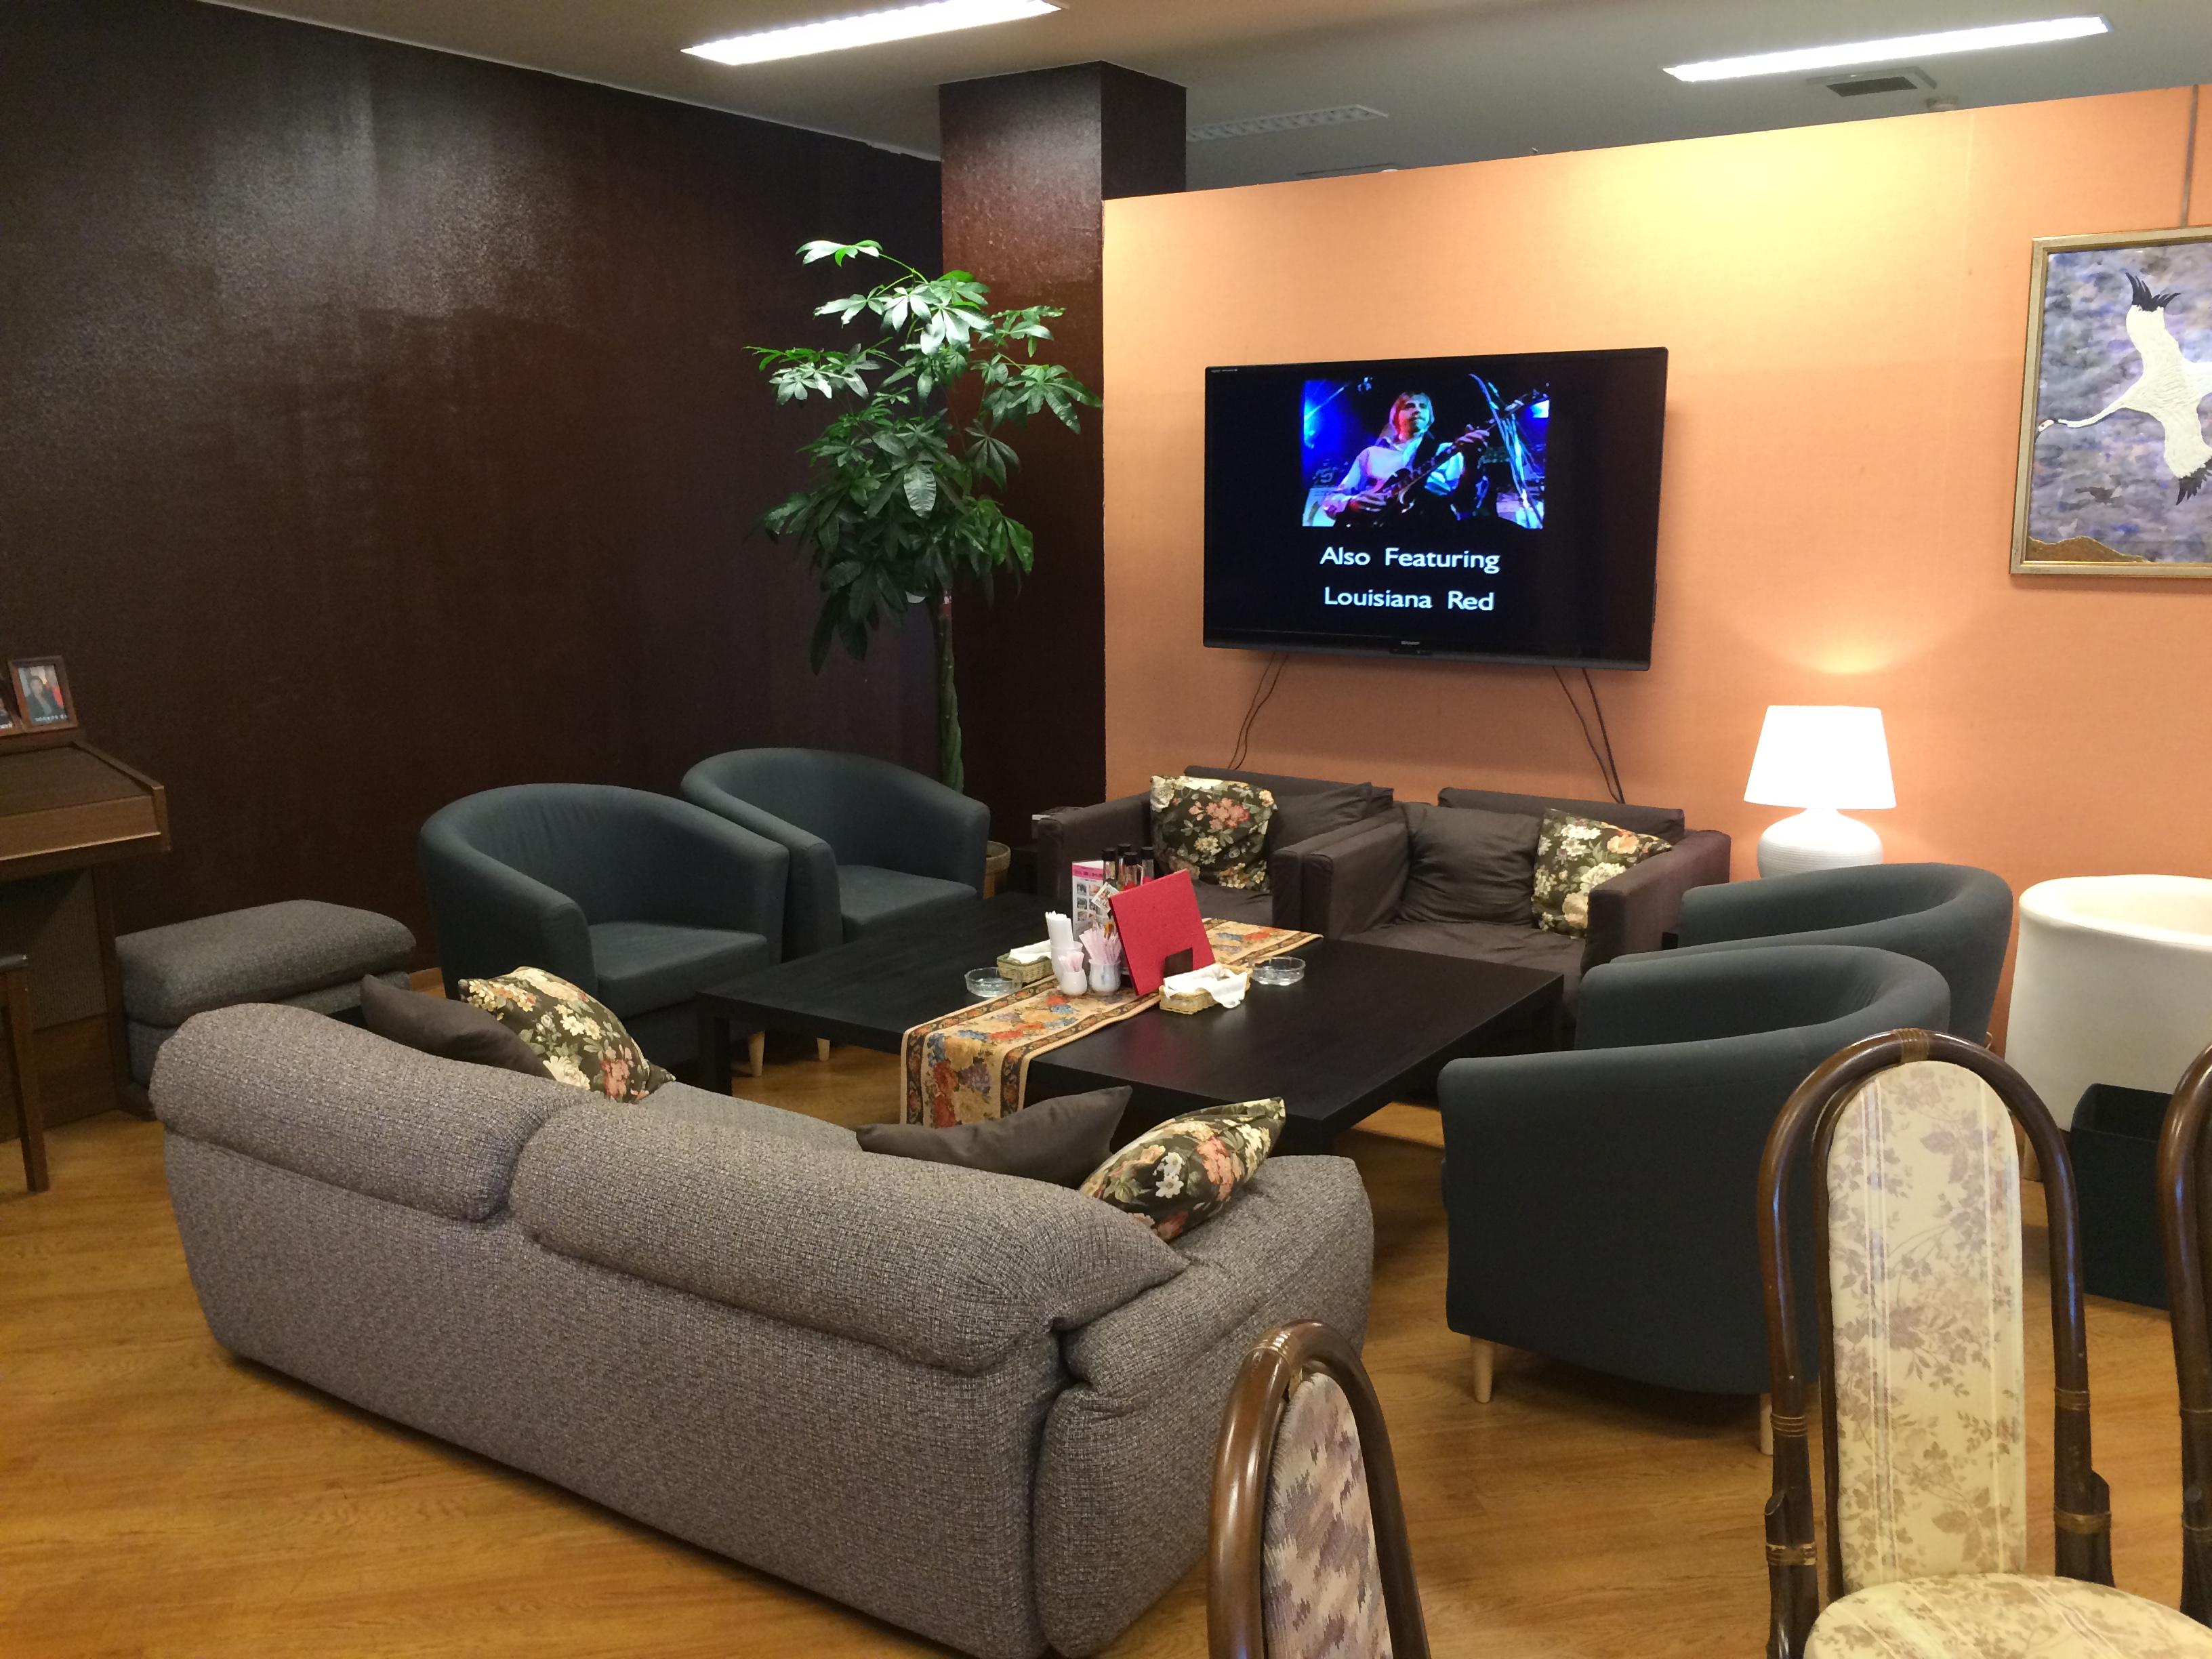 ソファー席で大型TVも設置